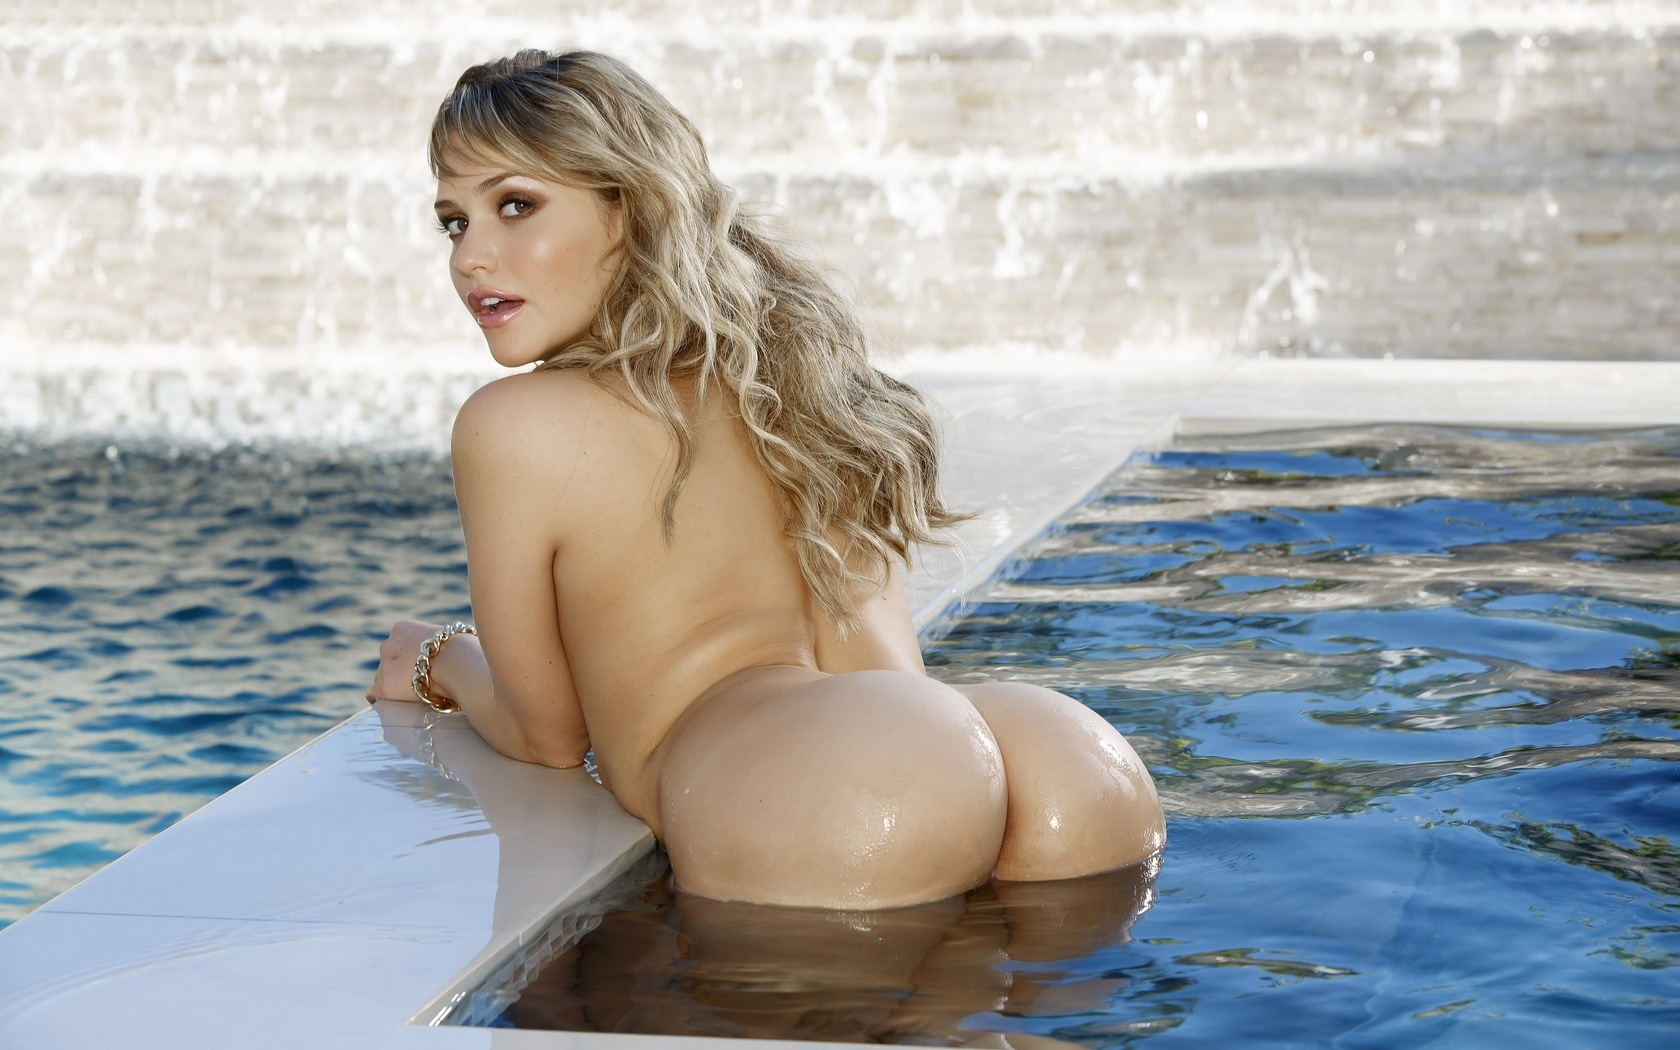 блондинка, девушка, бассейн, позирует, попка, вода, взгляд, секс бомба, красотка, смачно, аппетитно, эротично, mia malkova, тема